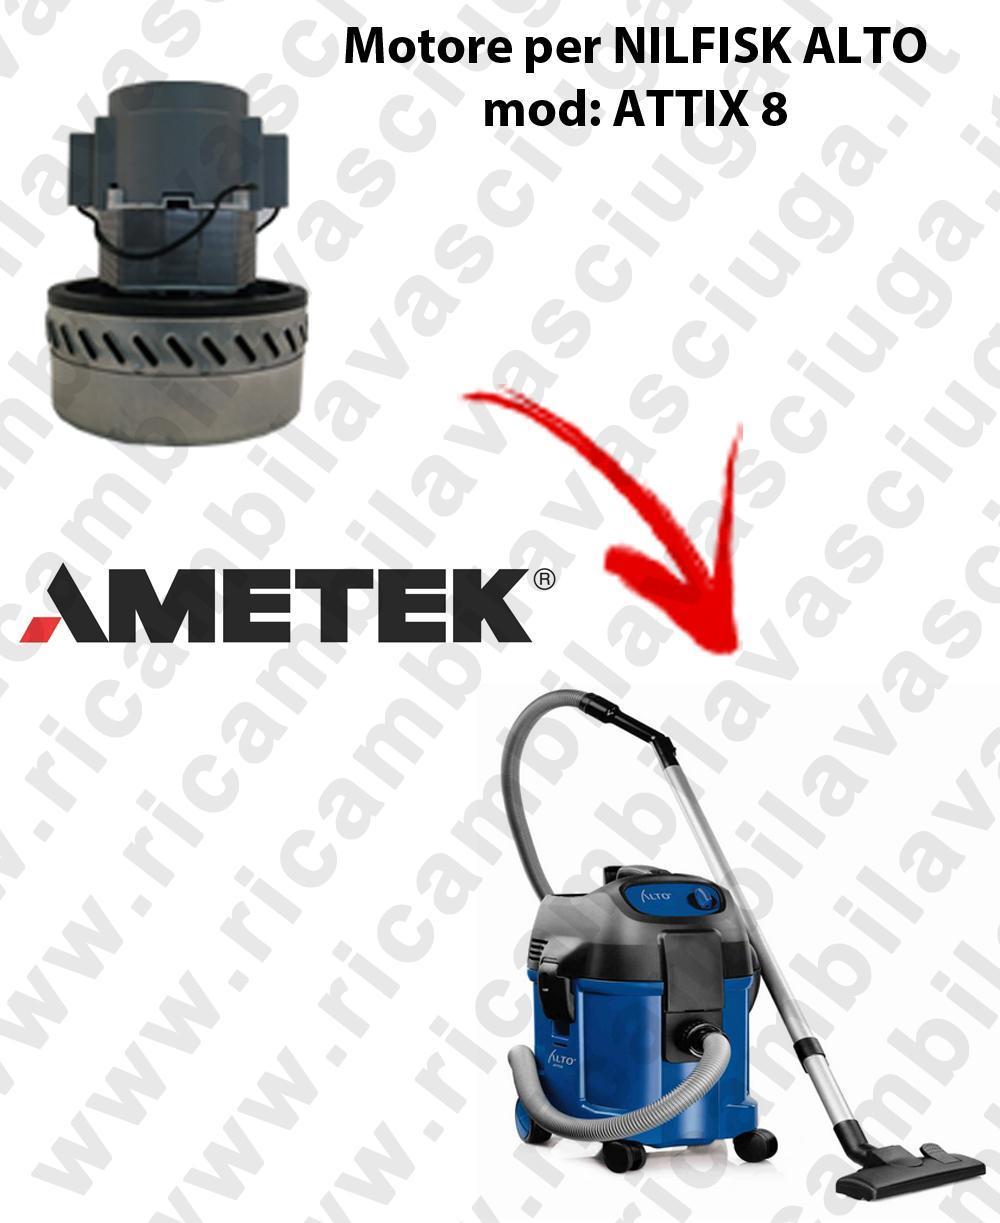 ATTIX 8 Motore de aspiración AMETEK  para aspiradora NILFISK ALTO